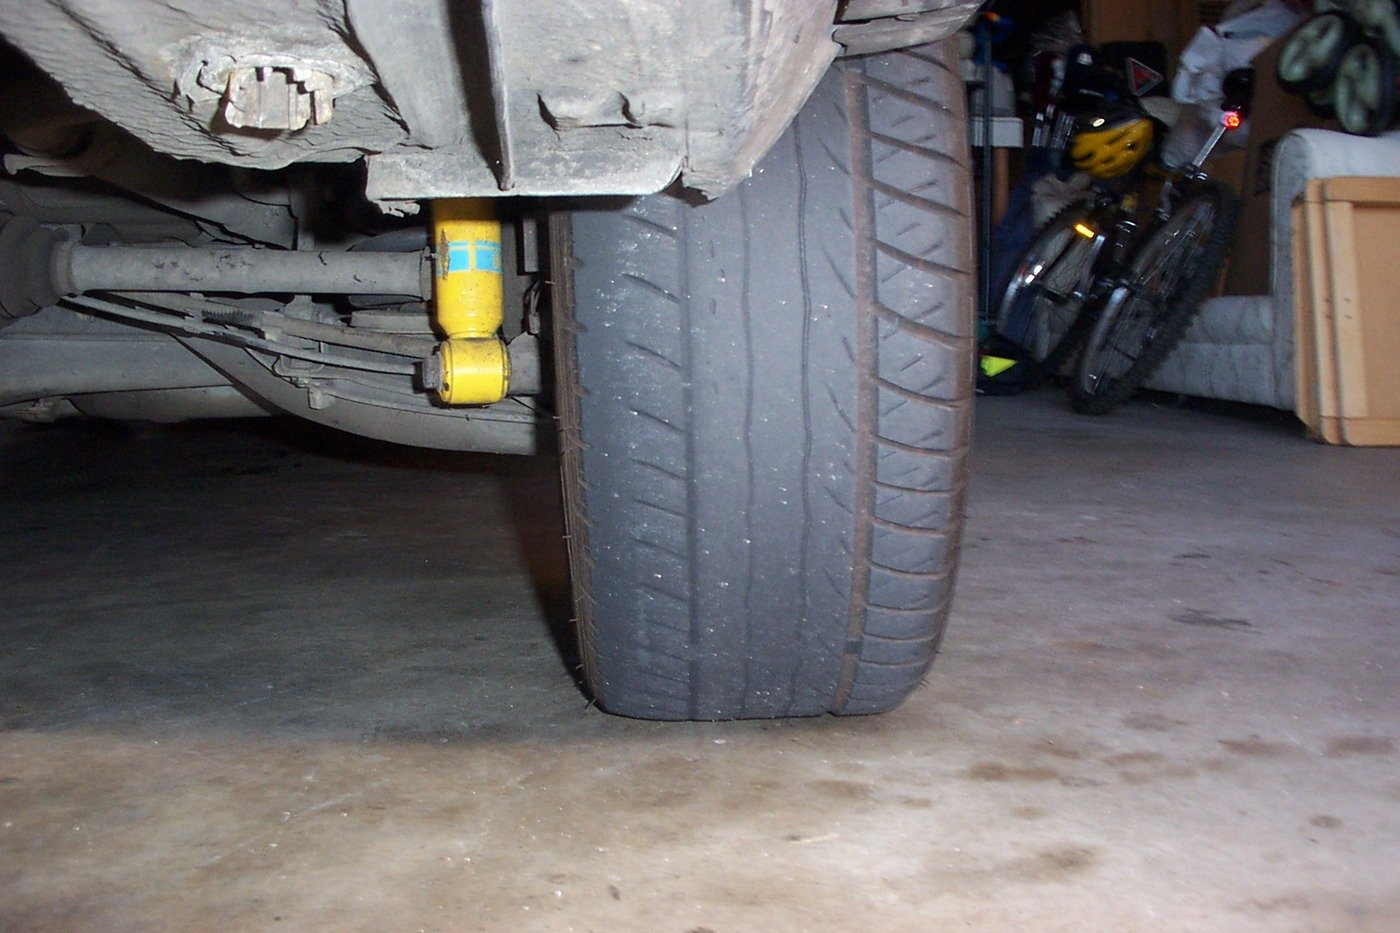 E36 Uneven Tire Wear